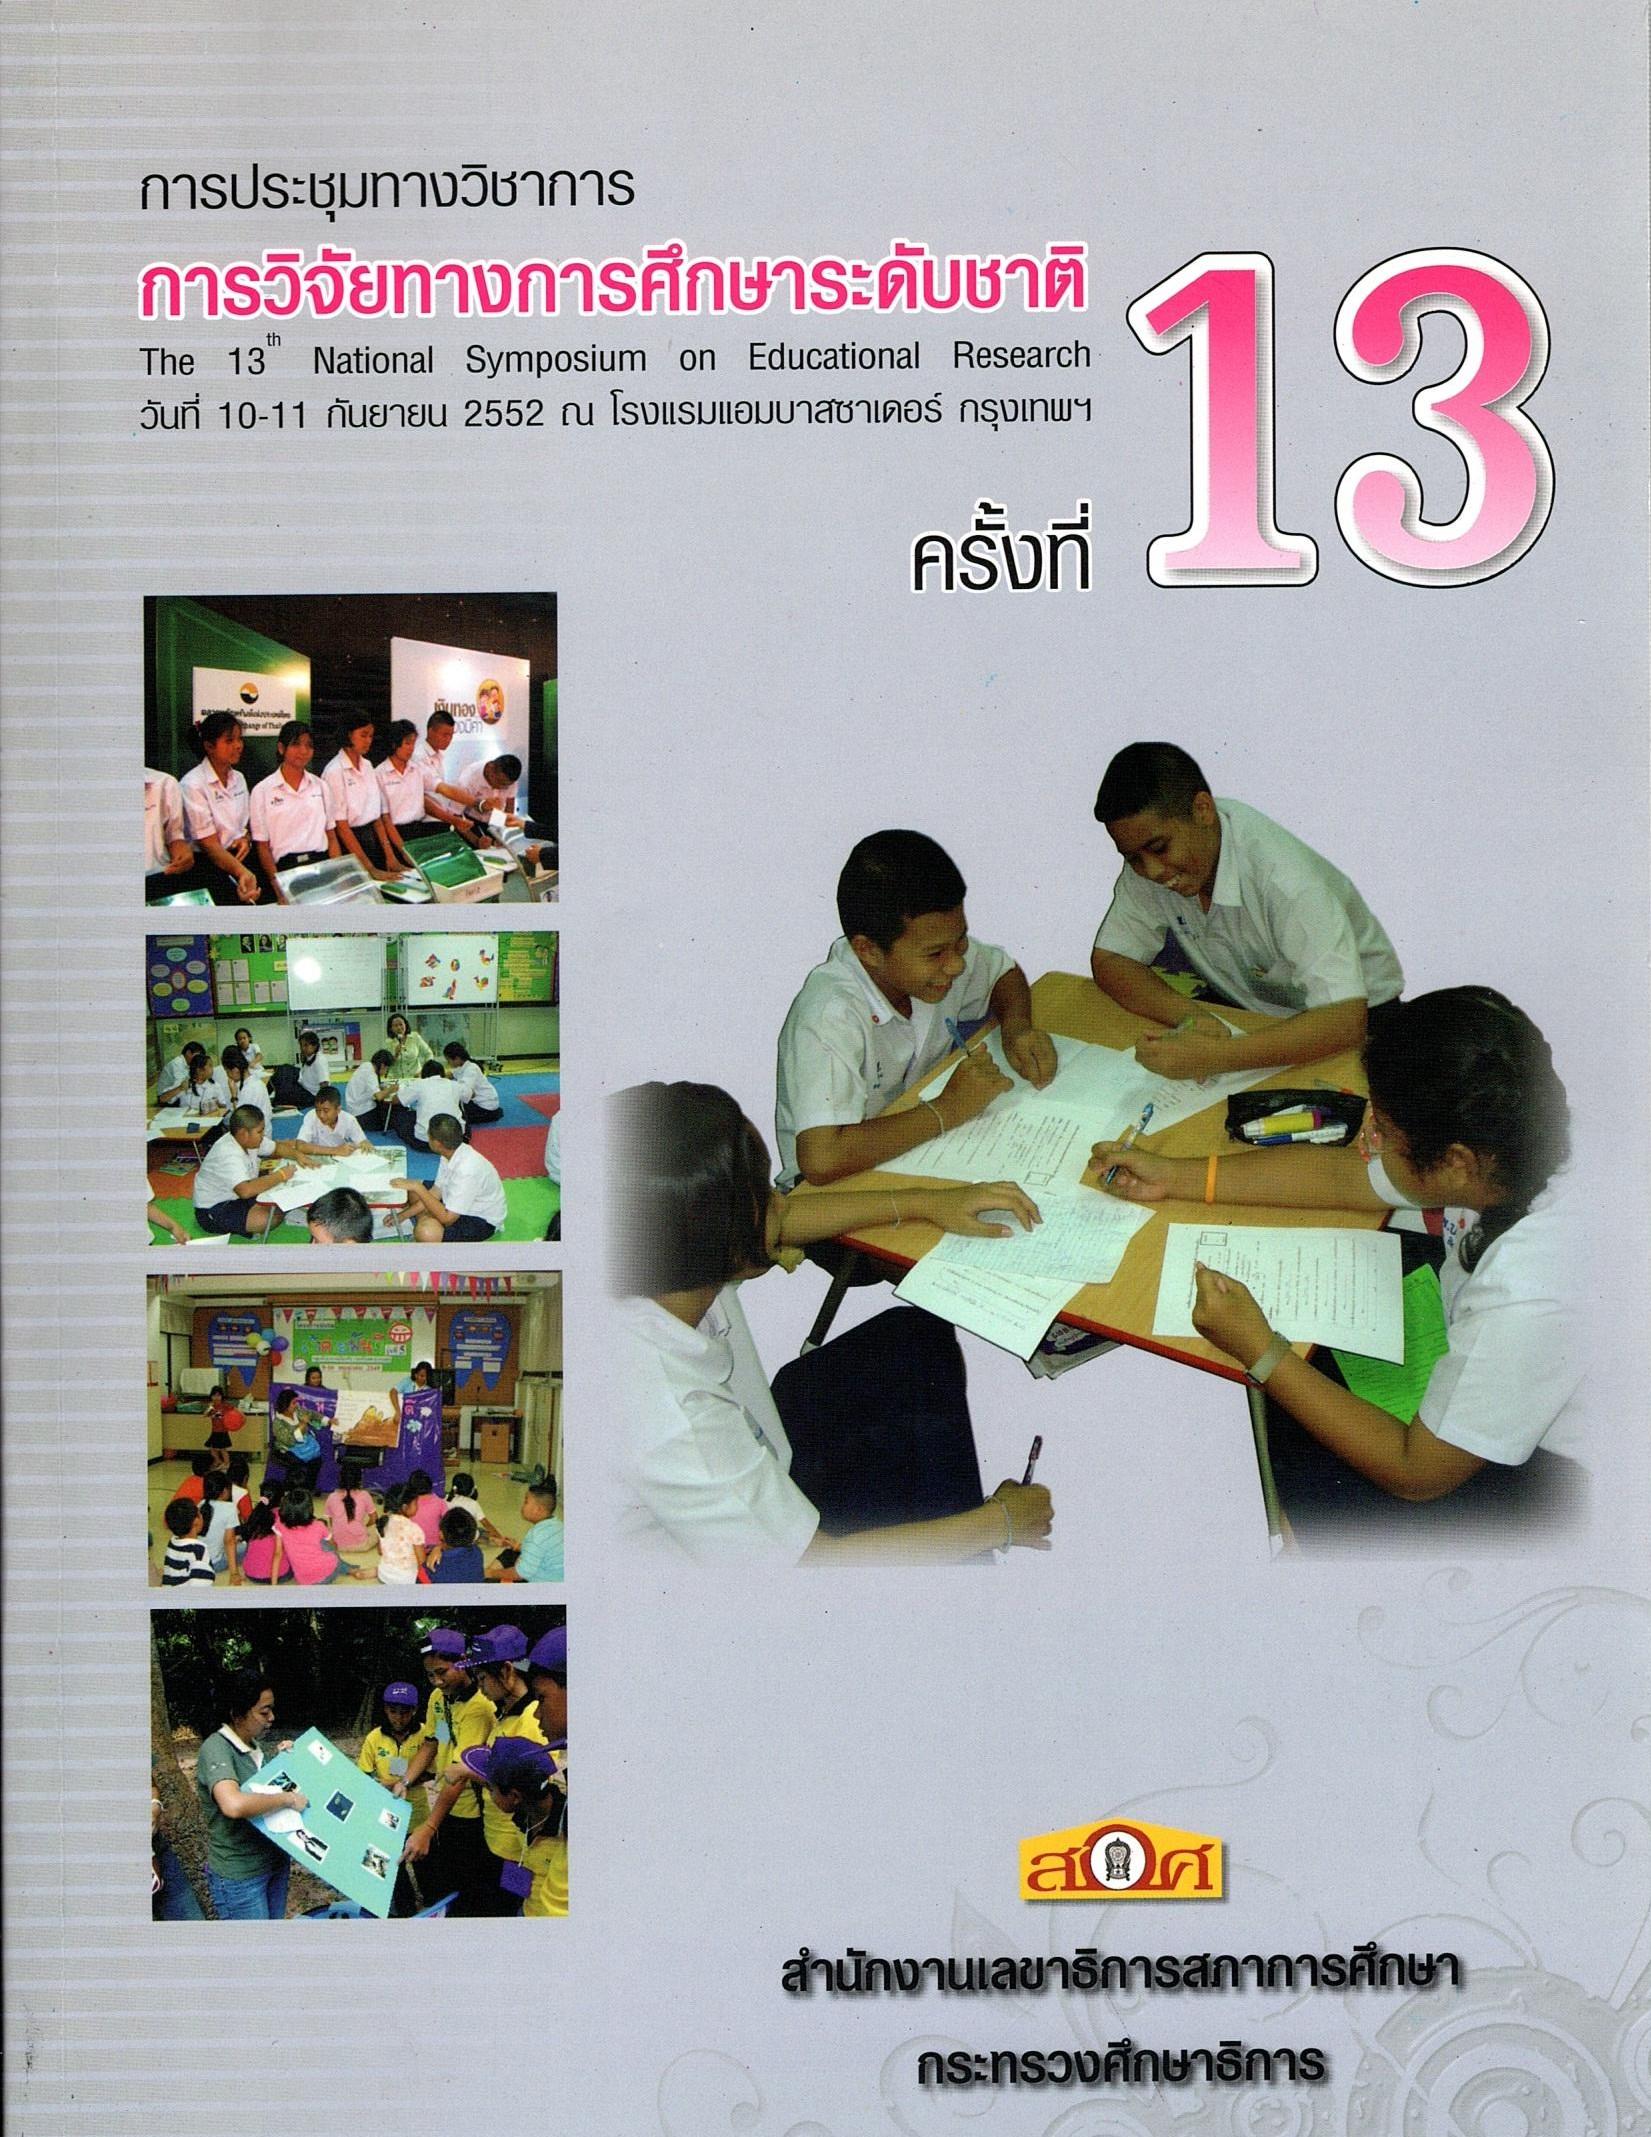 การพัฒนากระบวนการจัดการศึกษาที่สนับสนุนการเรียนรู้ในสถานศึกษาขั้นพื้นฐานจังหวัดนนทบุรี